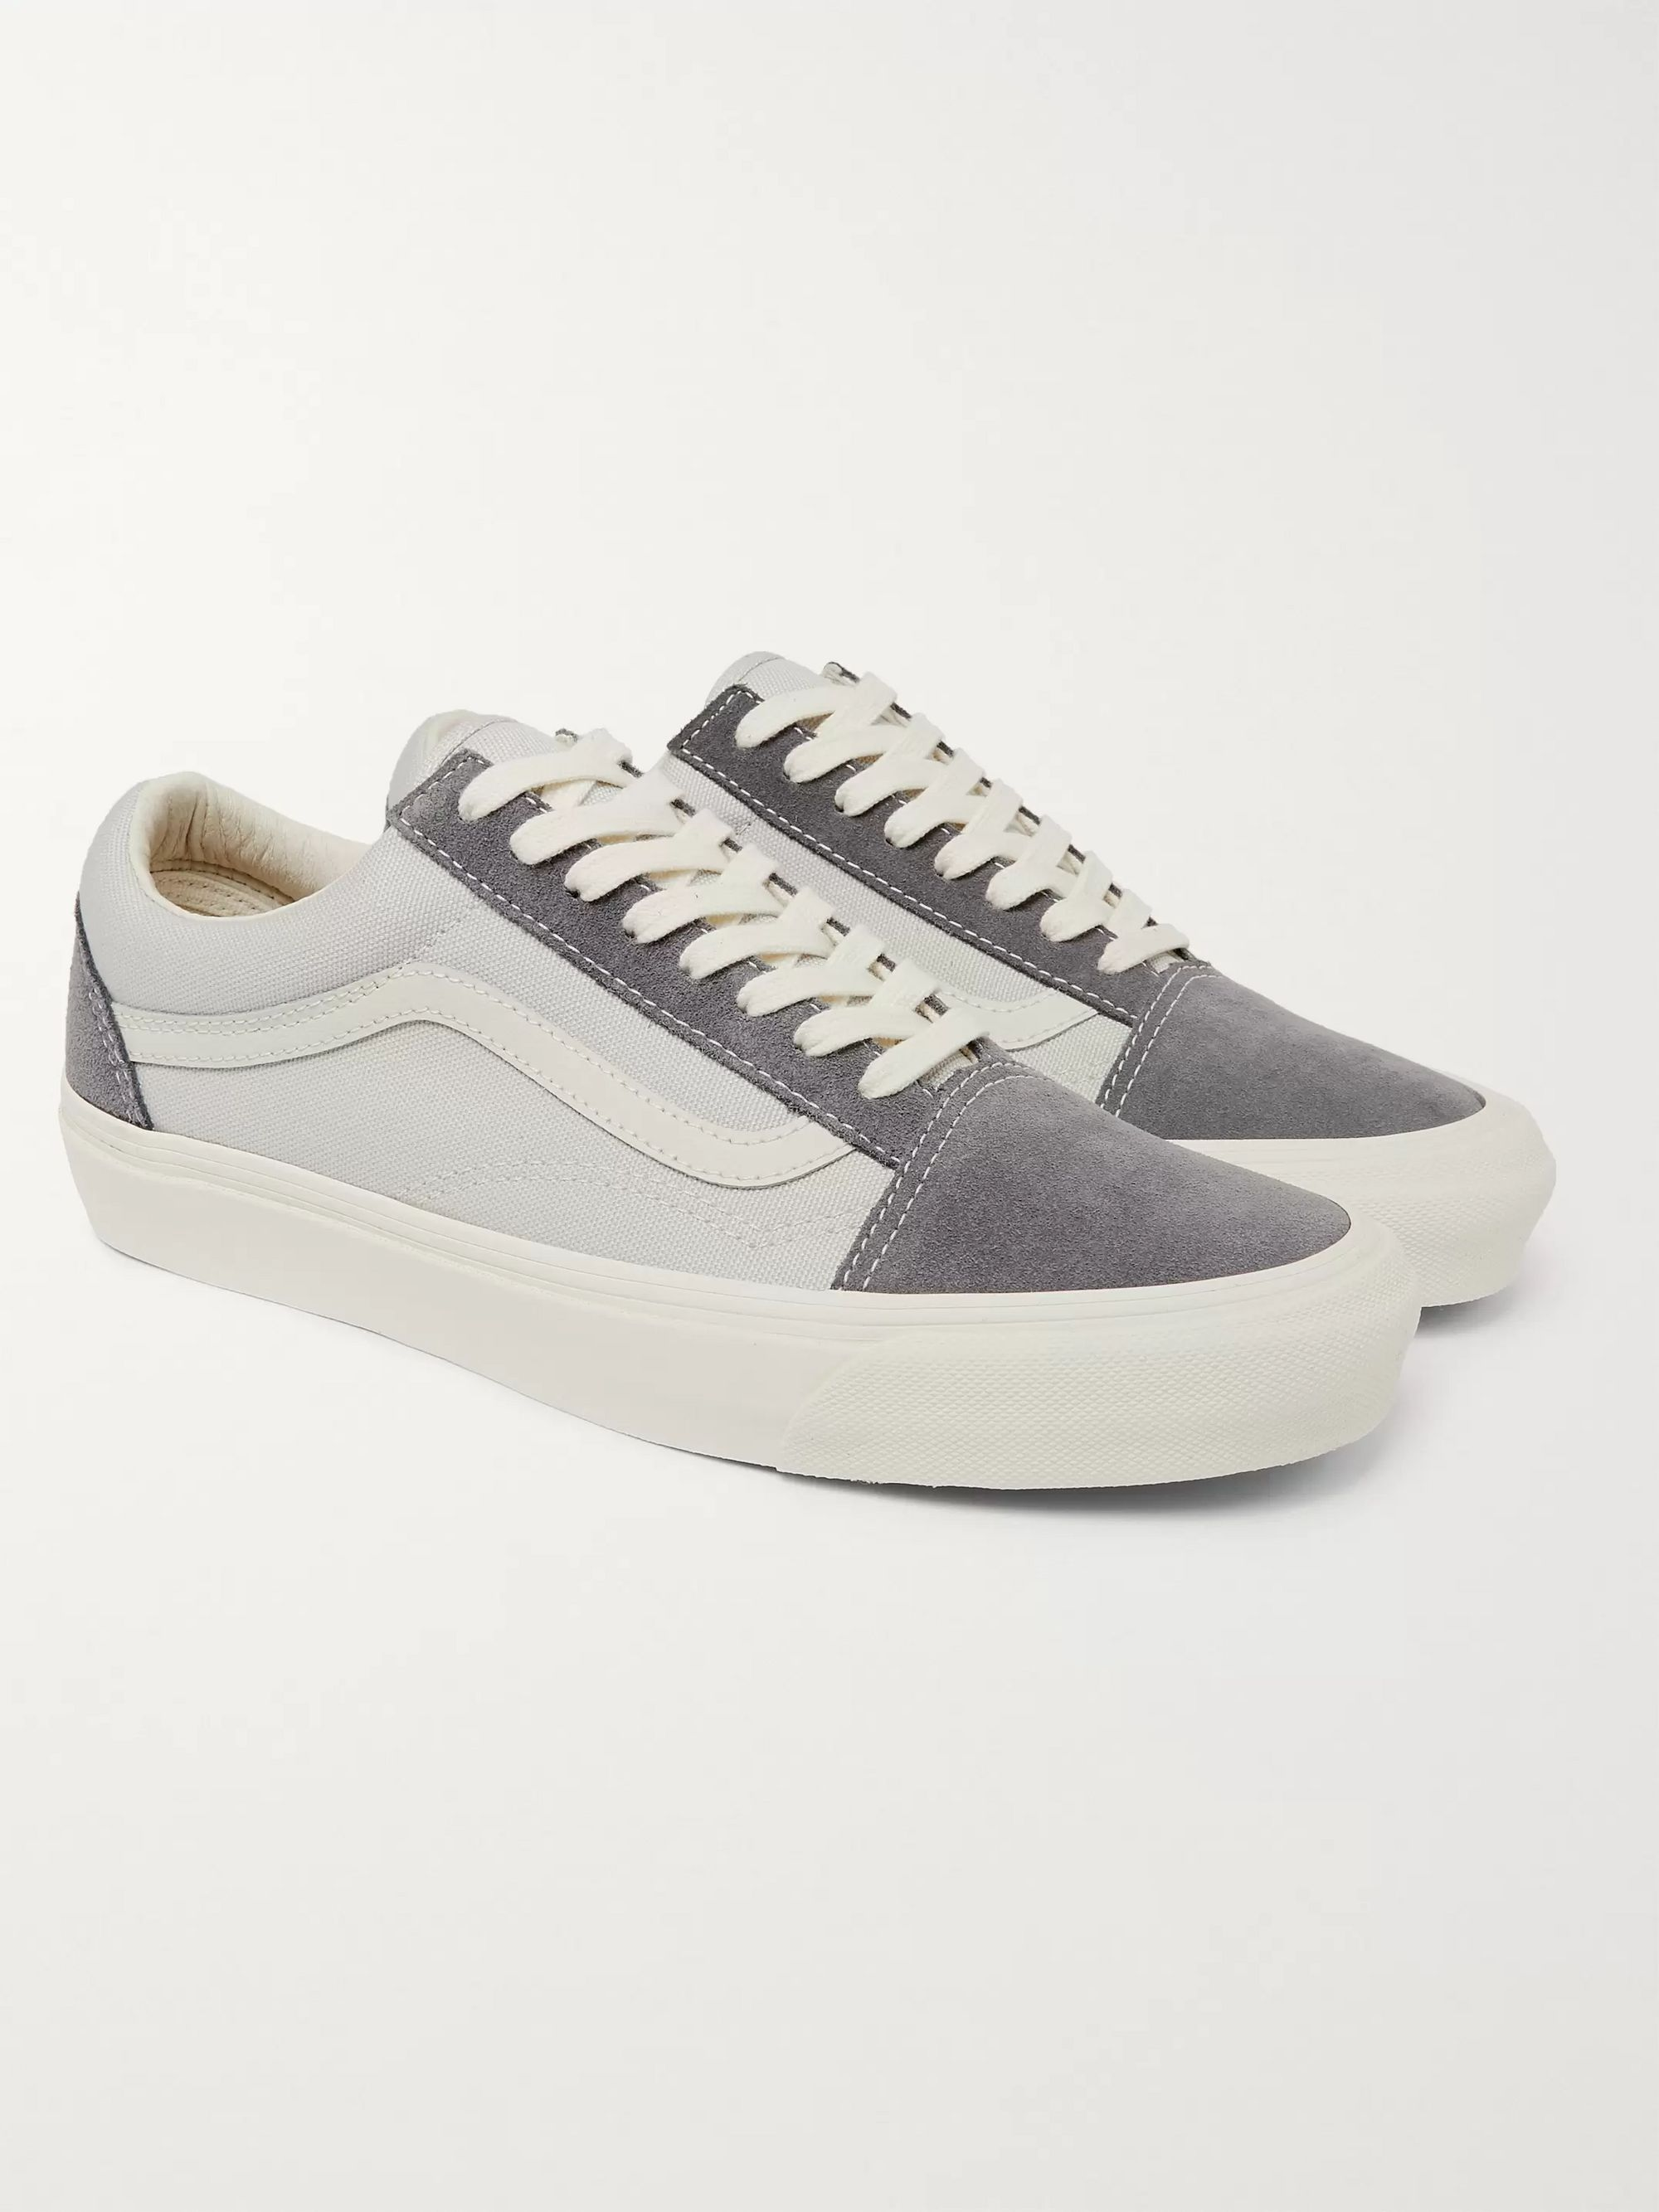 Vans Old Skool Leather Sneaker VN0A38G1QD5 Grey #Sneakers